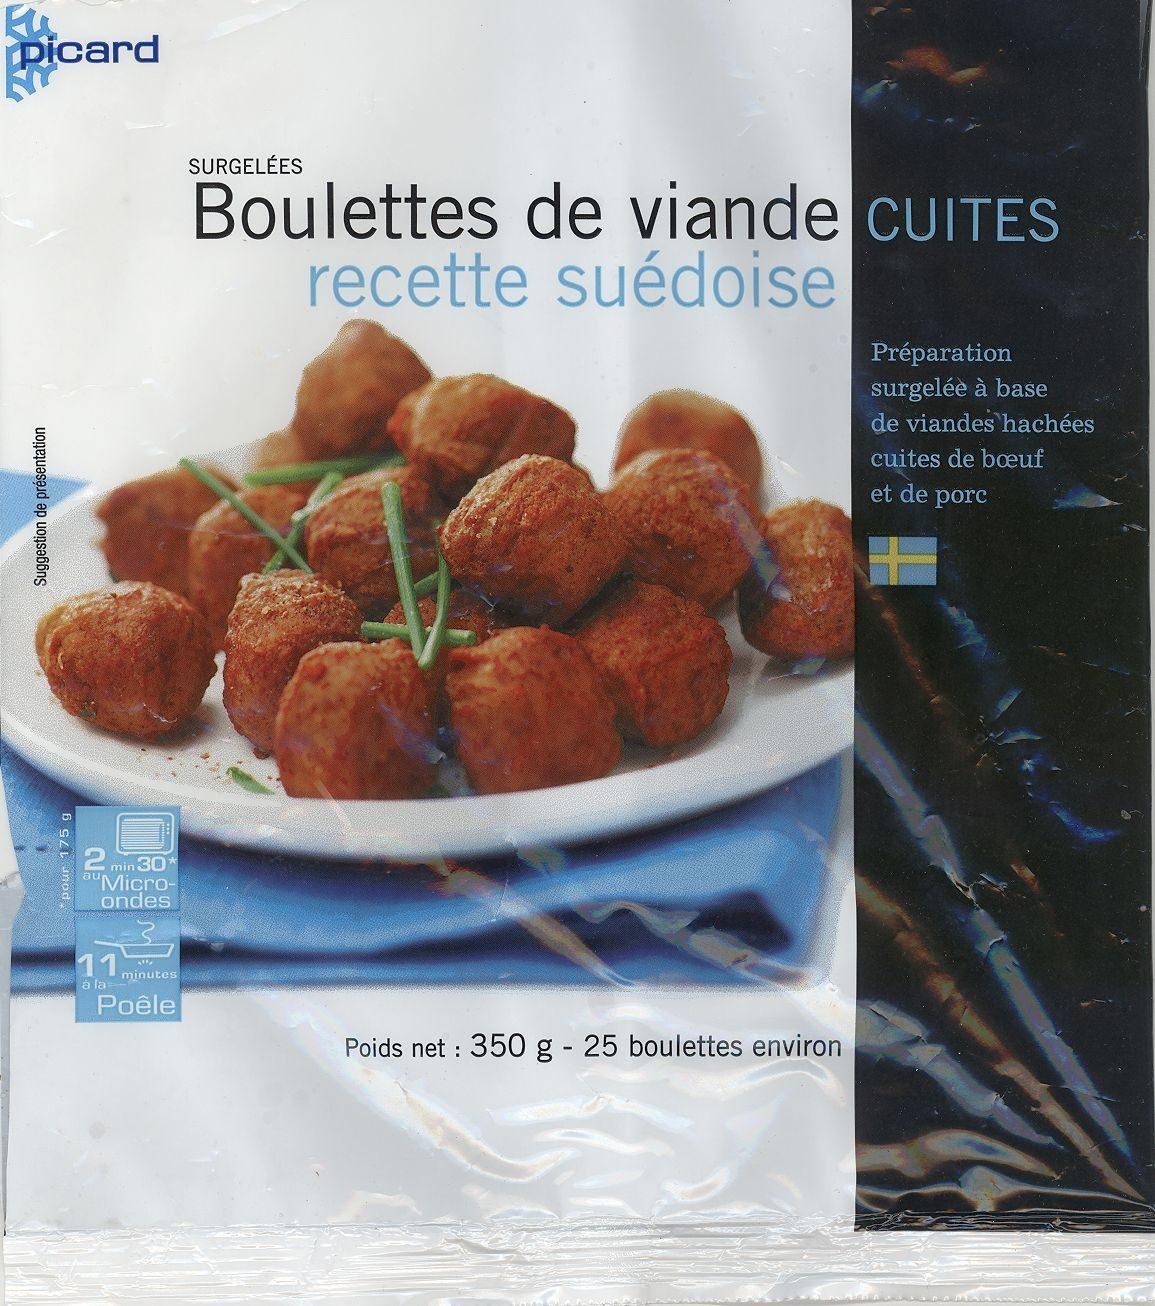 Boulettes de viande cuites recette suédoise - Produit - fr